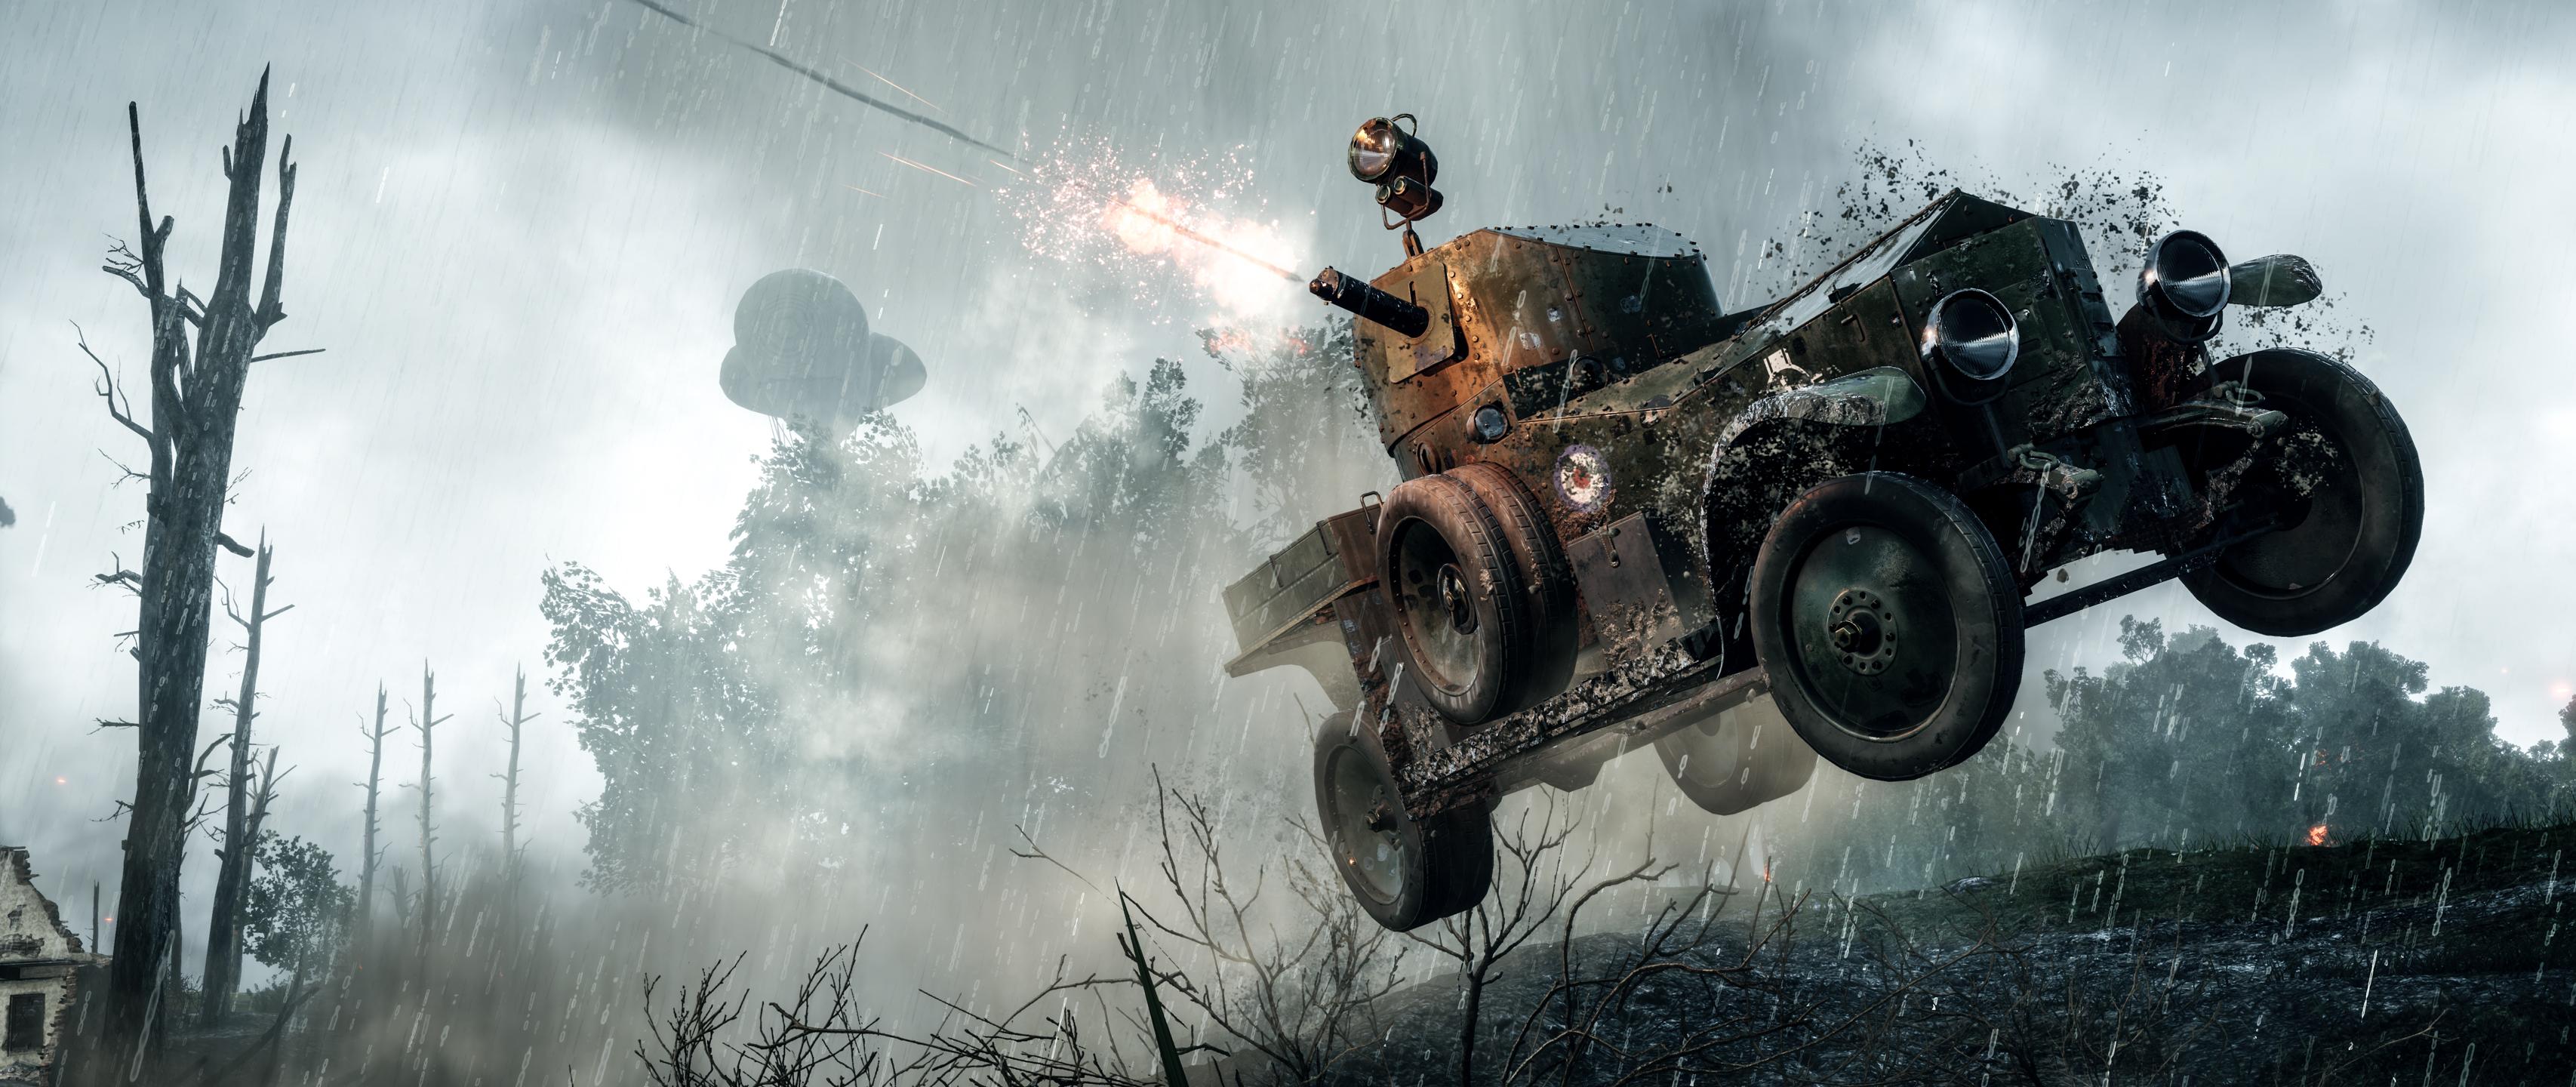 Battlefield 1 Wide, HD Games, 4k